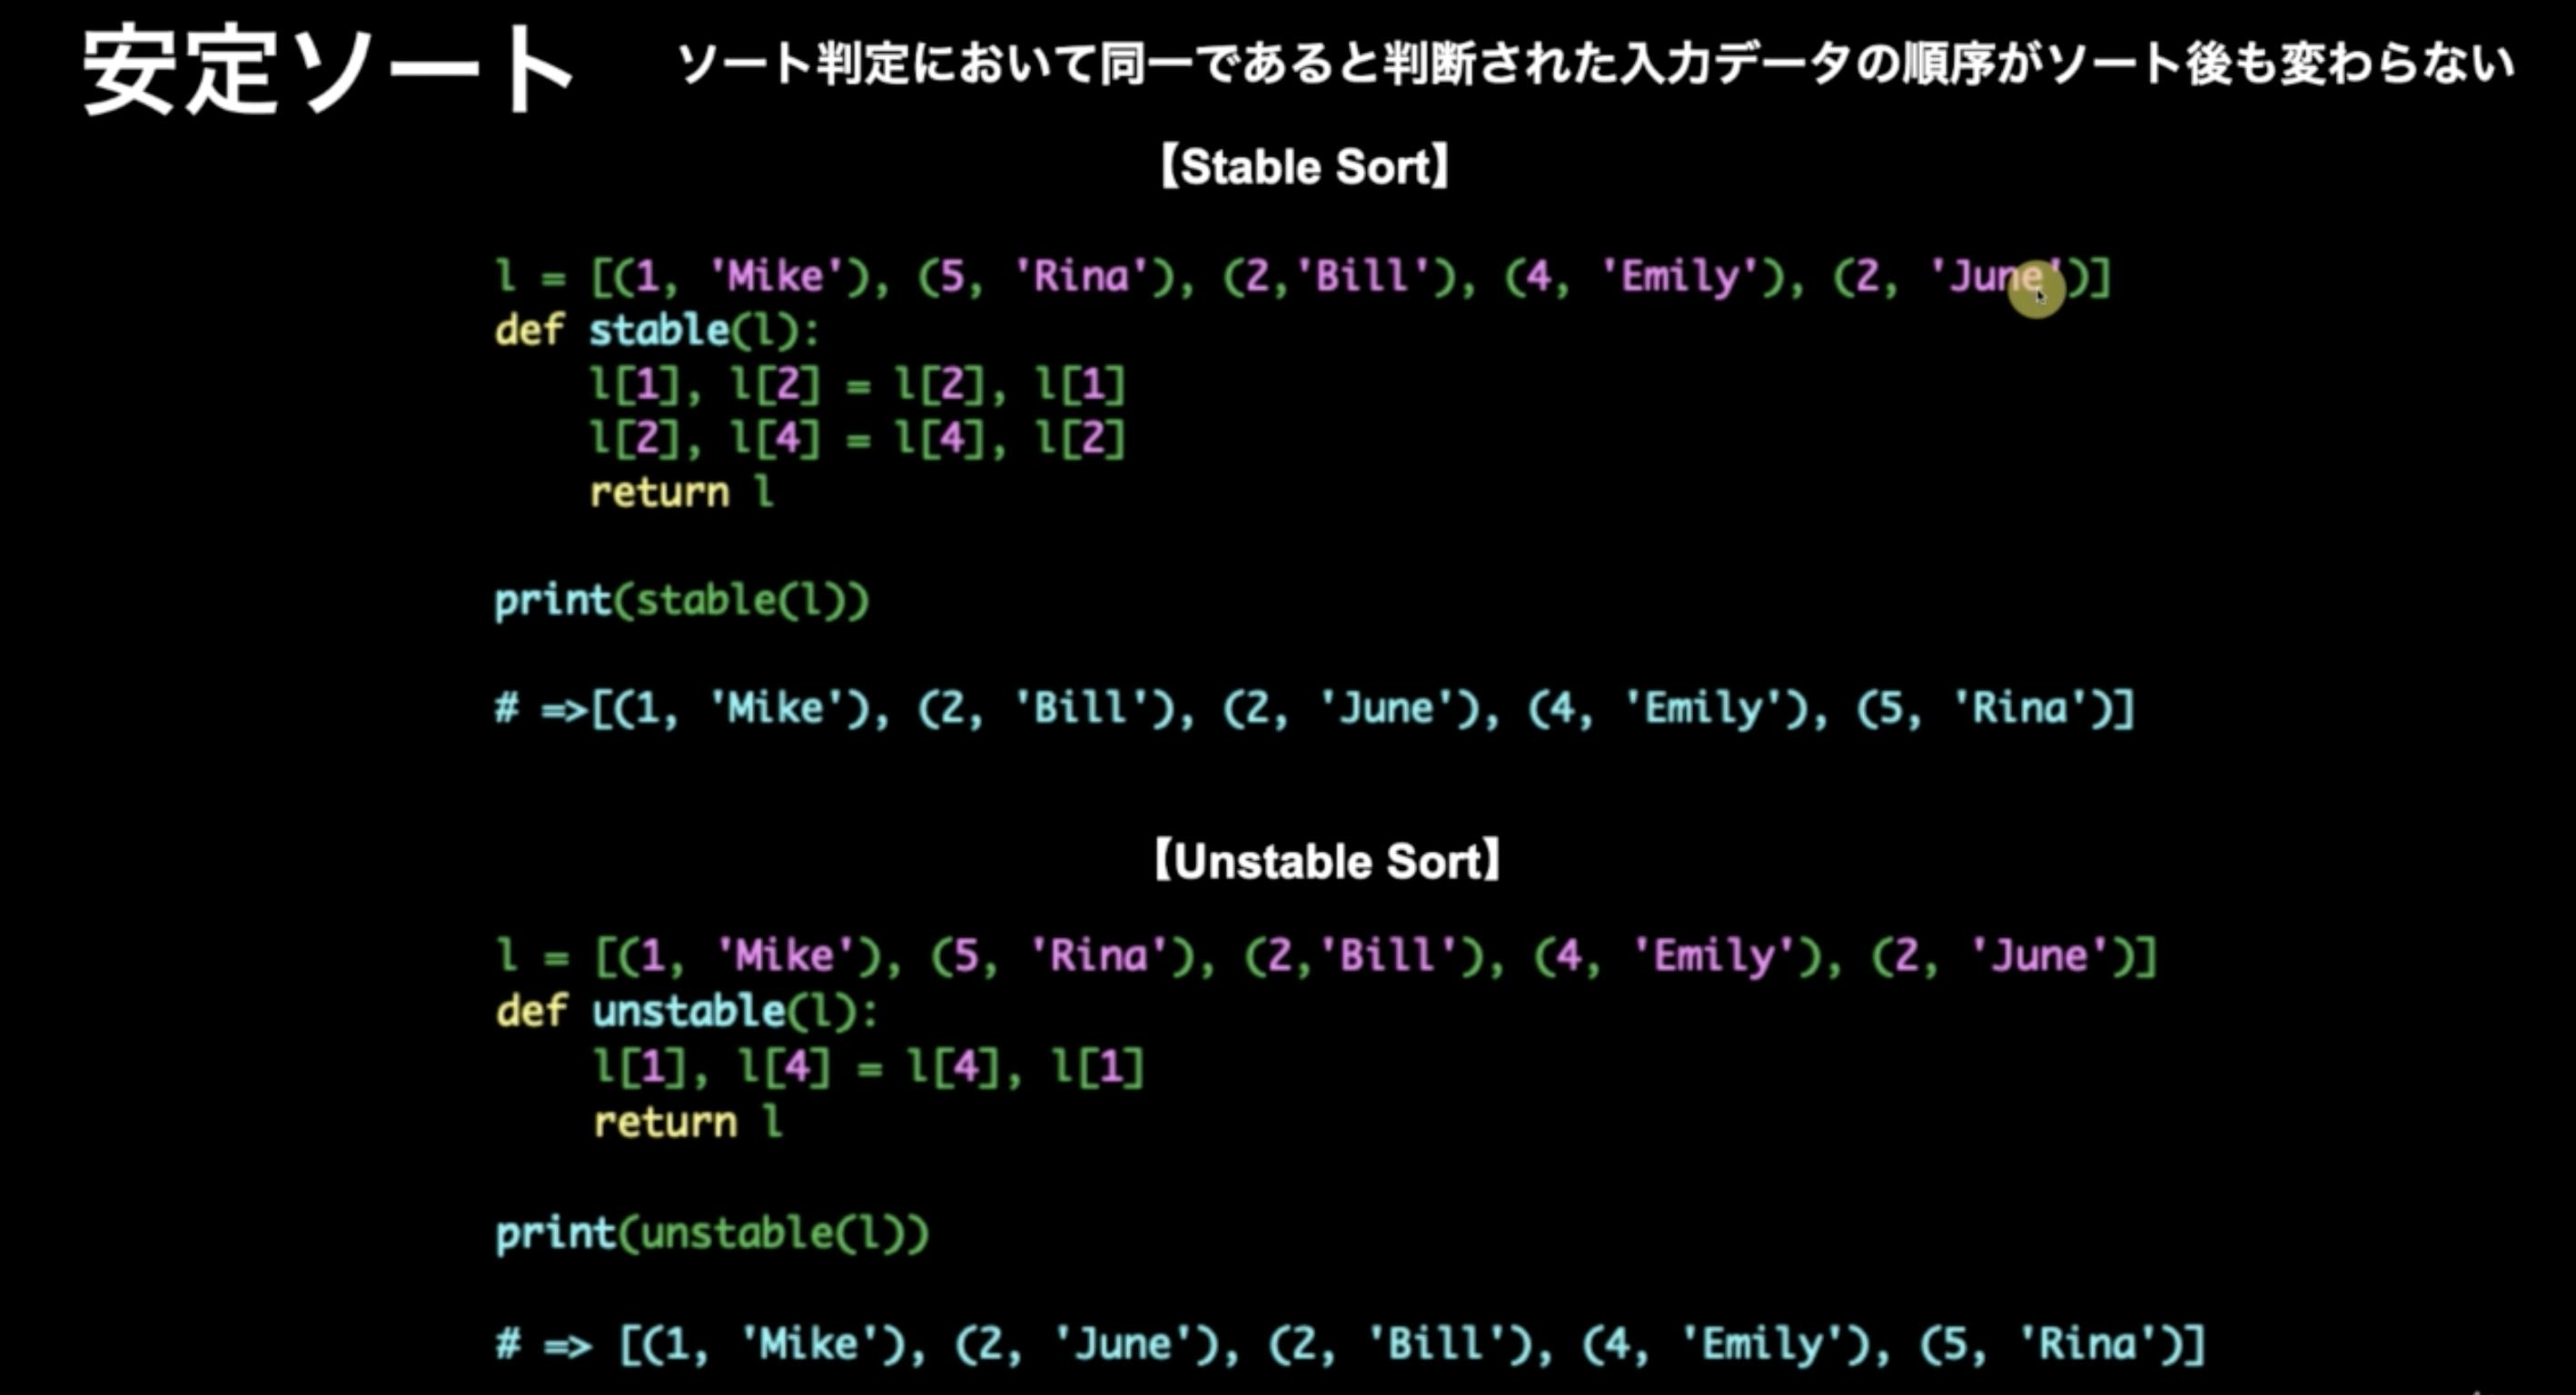 スクリーンショット 2020-11-24 22.23.46.png (1.1 MB)